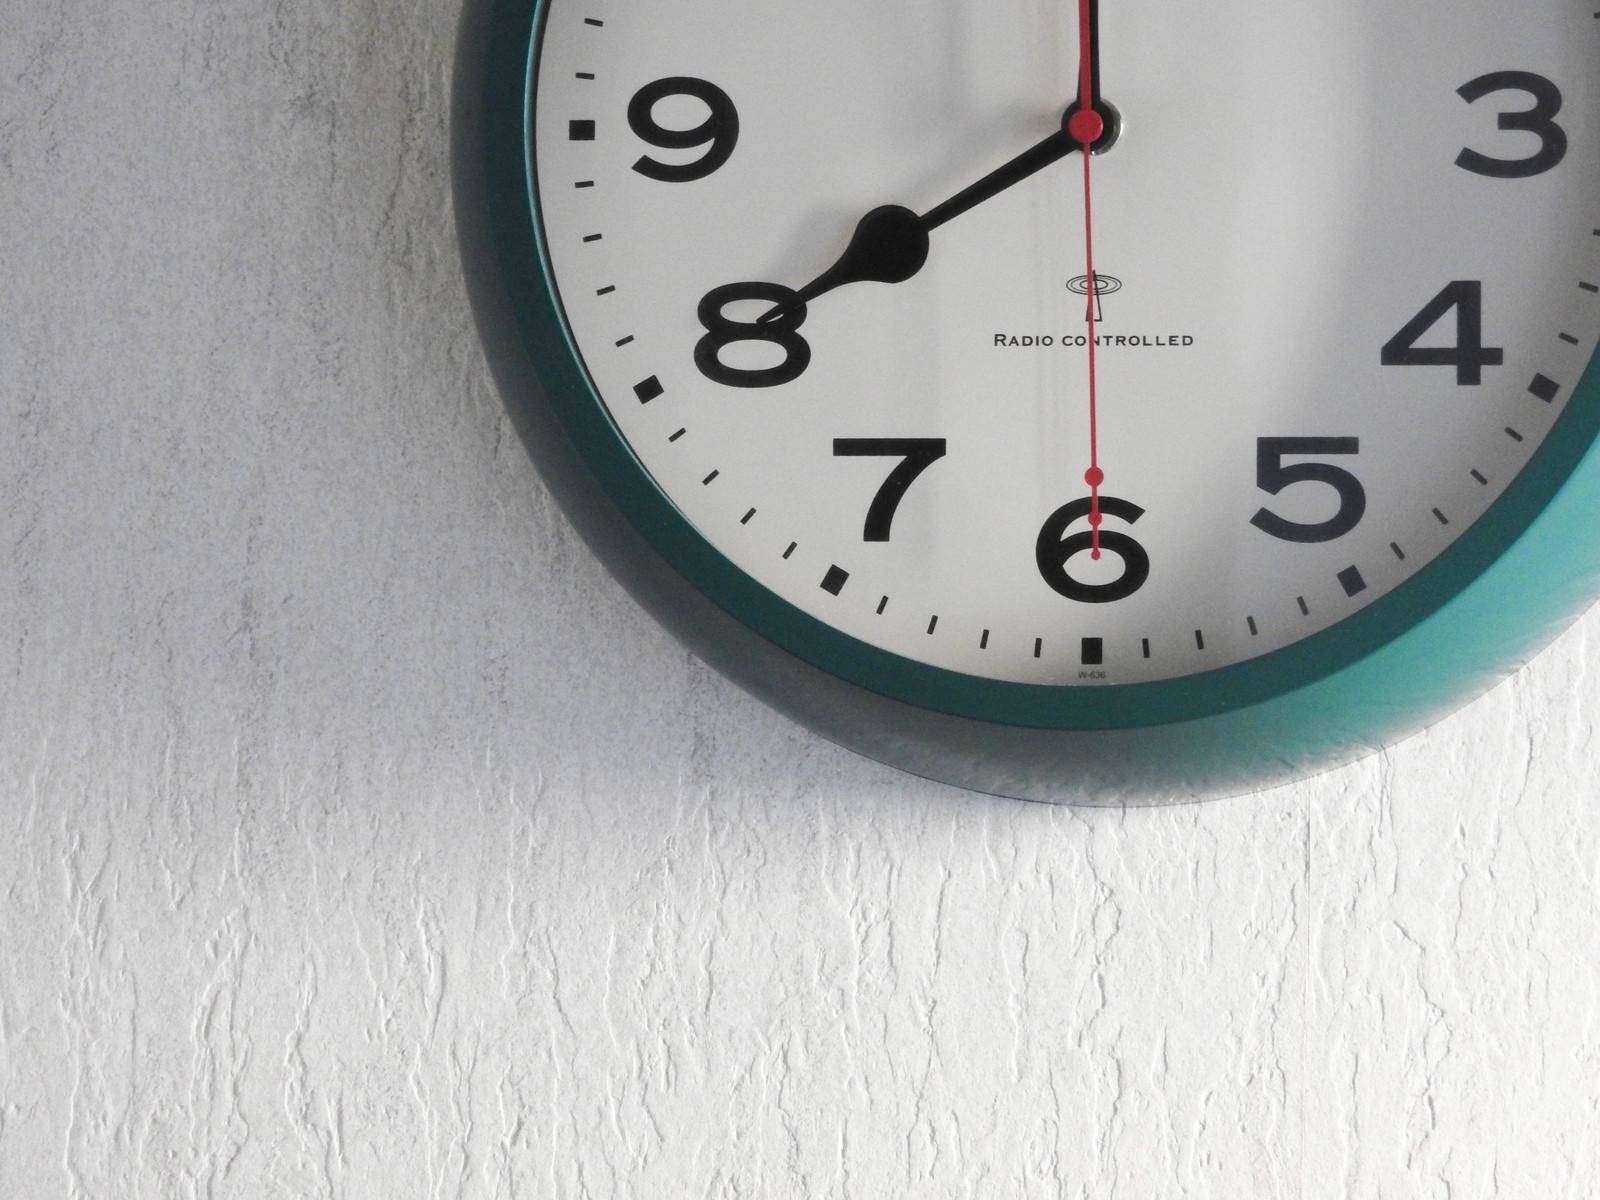 Live Fitのオンラインレッスンをする時間を告げる時計